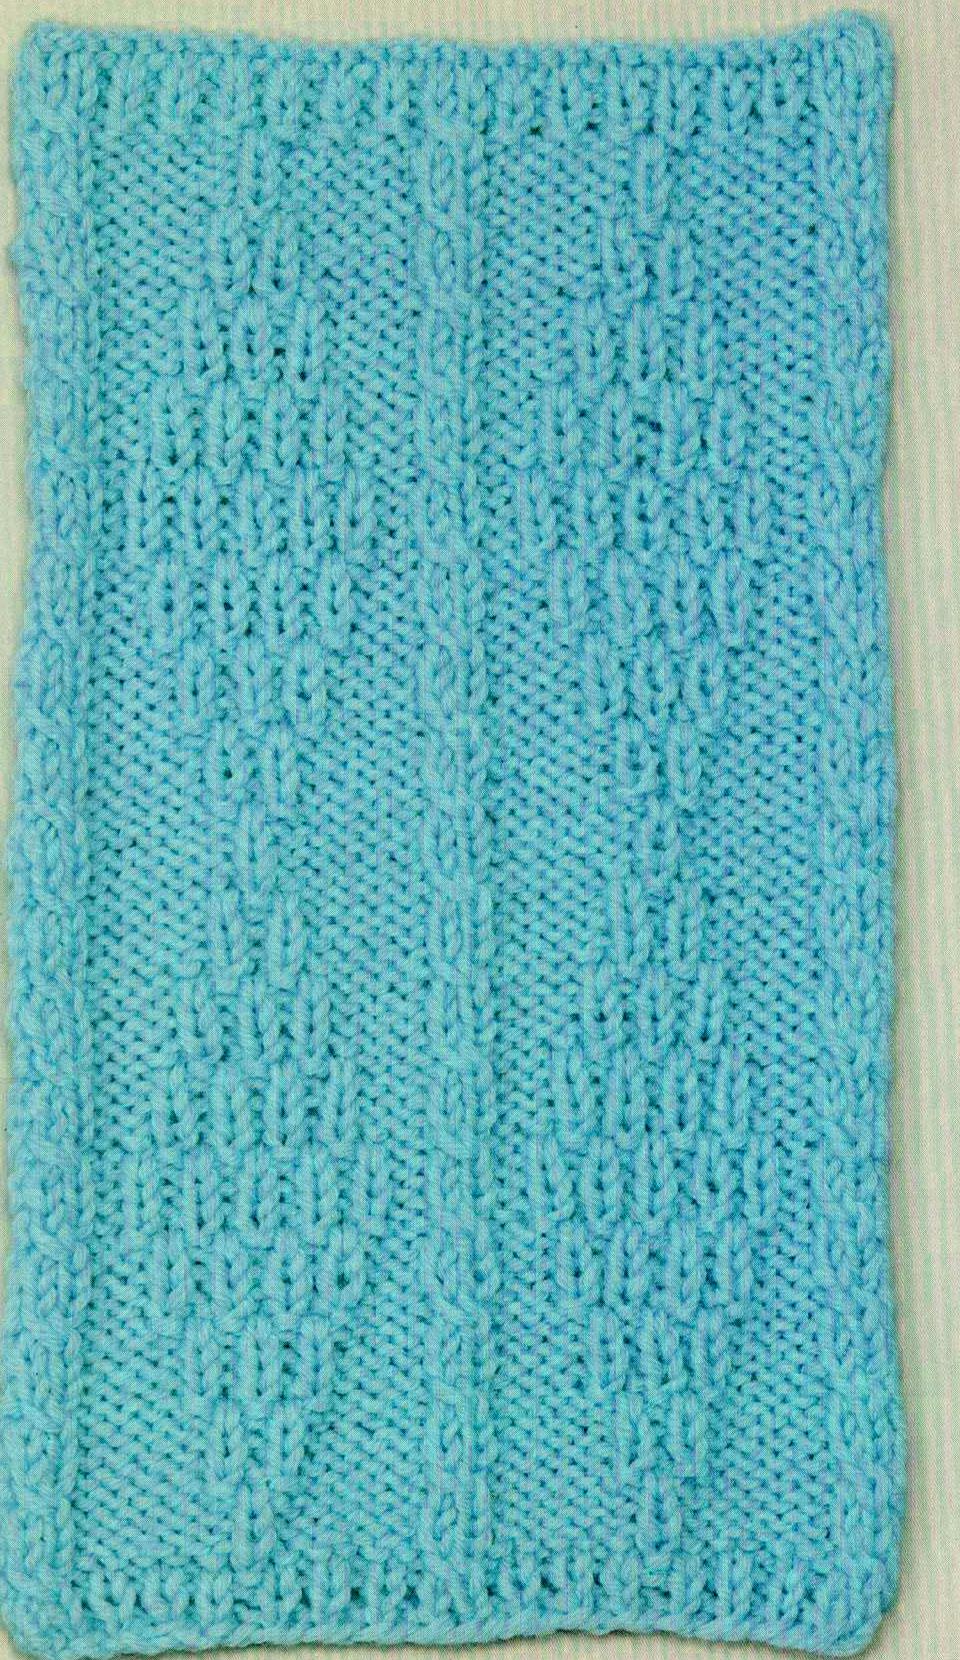 diamon-motif-knitting-stitch